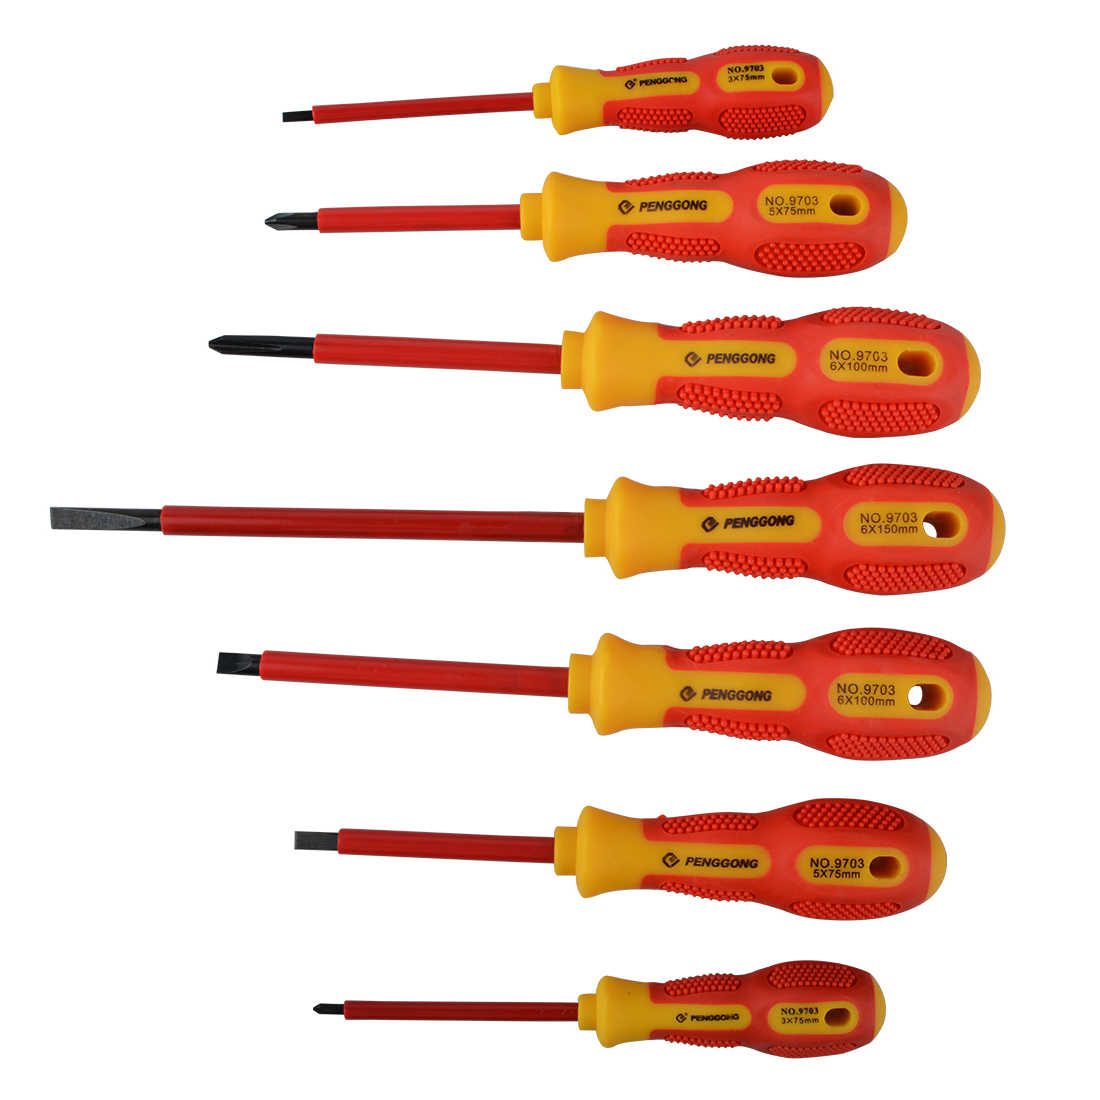 Terisolasi Obeng Menahan Tegangan 1000 V Presisi Magnetic Phillips Berlubang untuk Peralatan & Perlengkapan Listrik